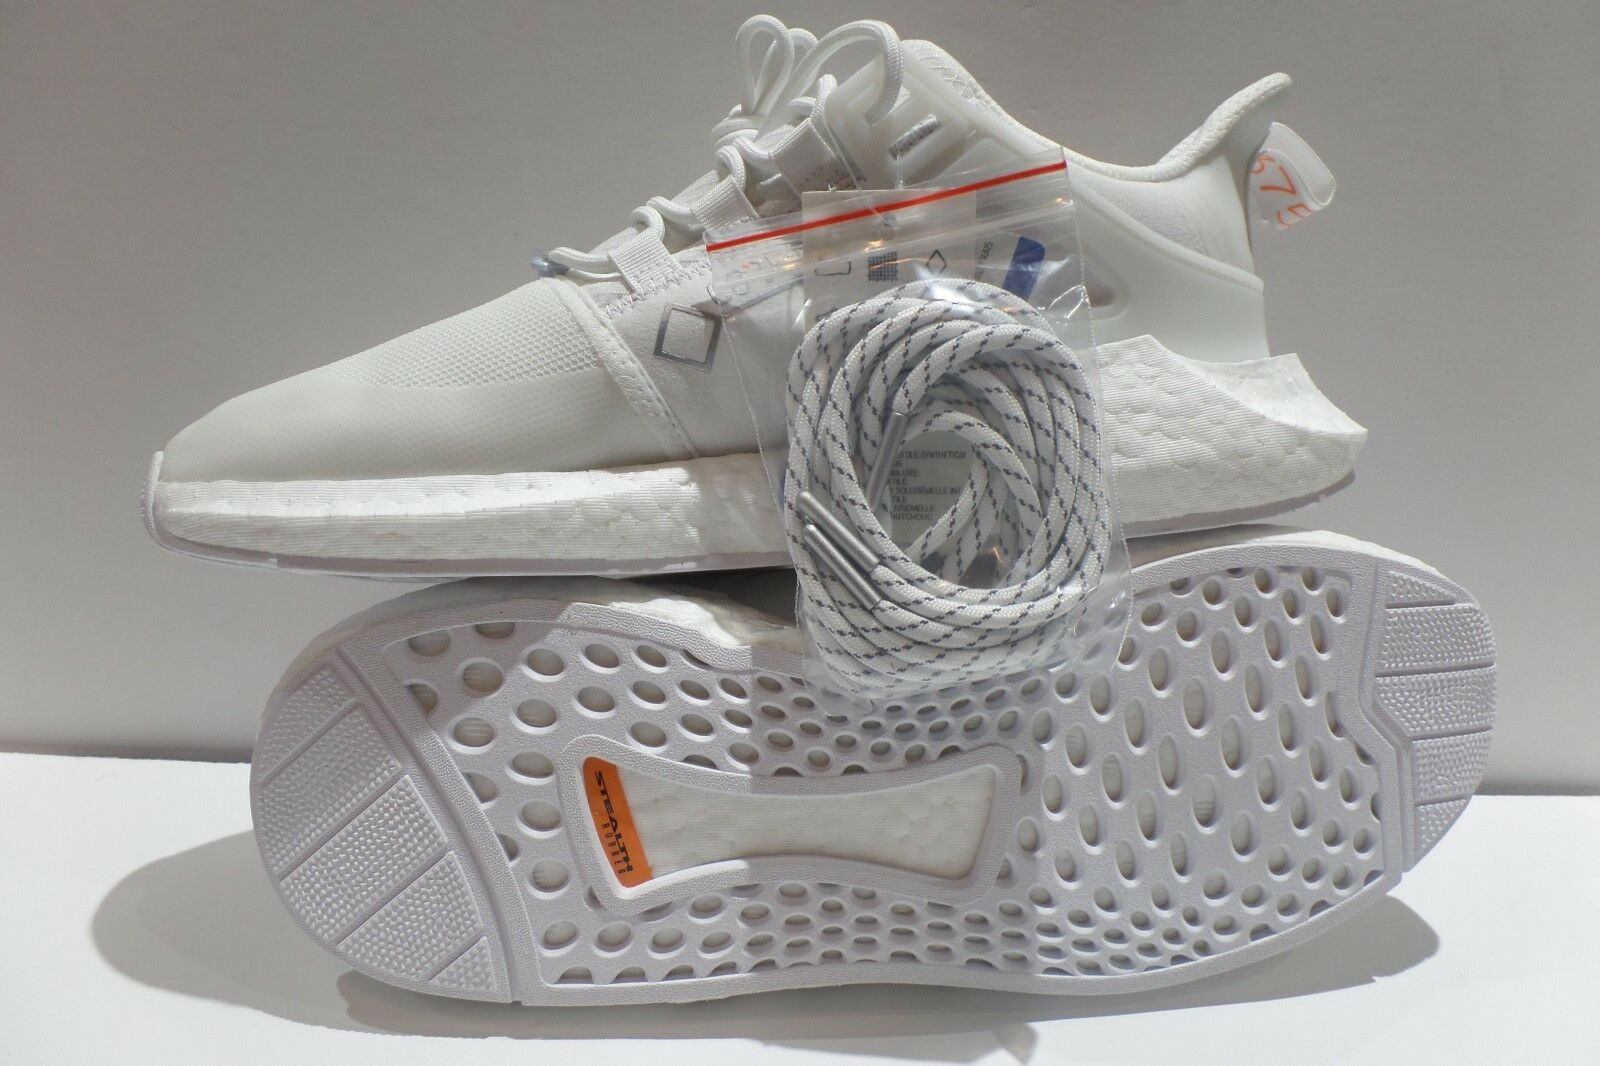 Adidas Adidas Adidas eqt terrex wasserdicht ultra - schub db1444 unterstützung gtx weiße männer größe 11. bab864